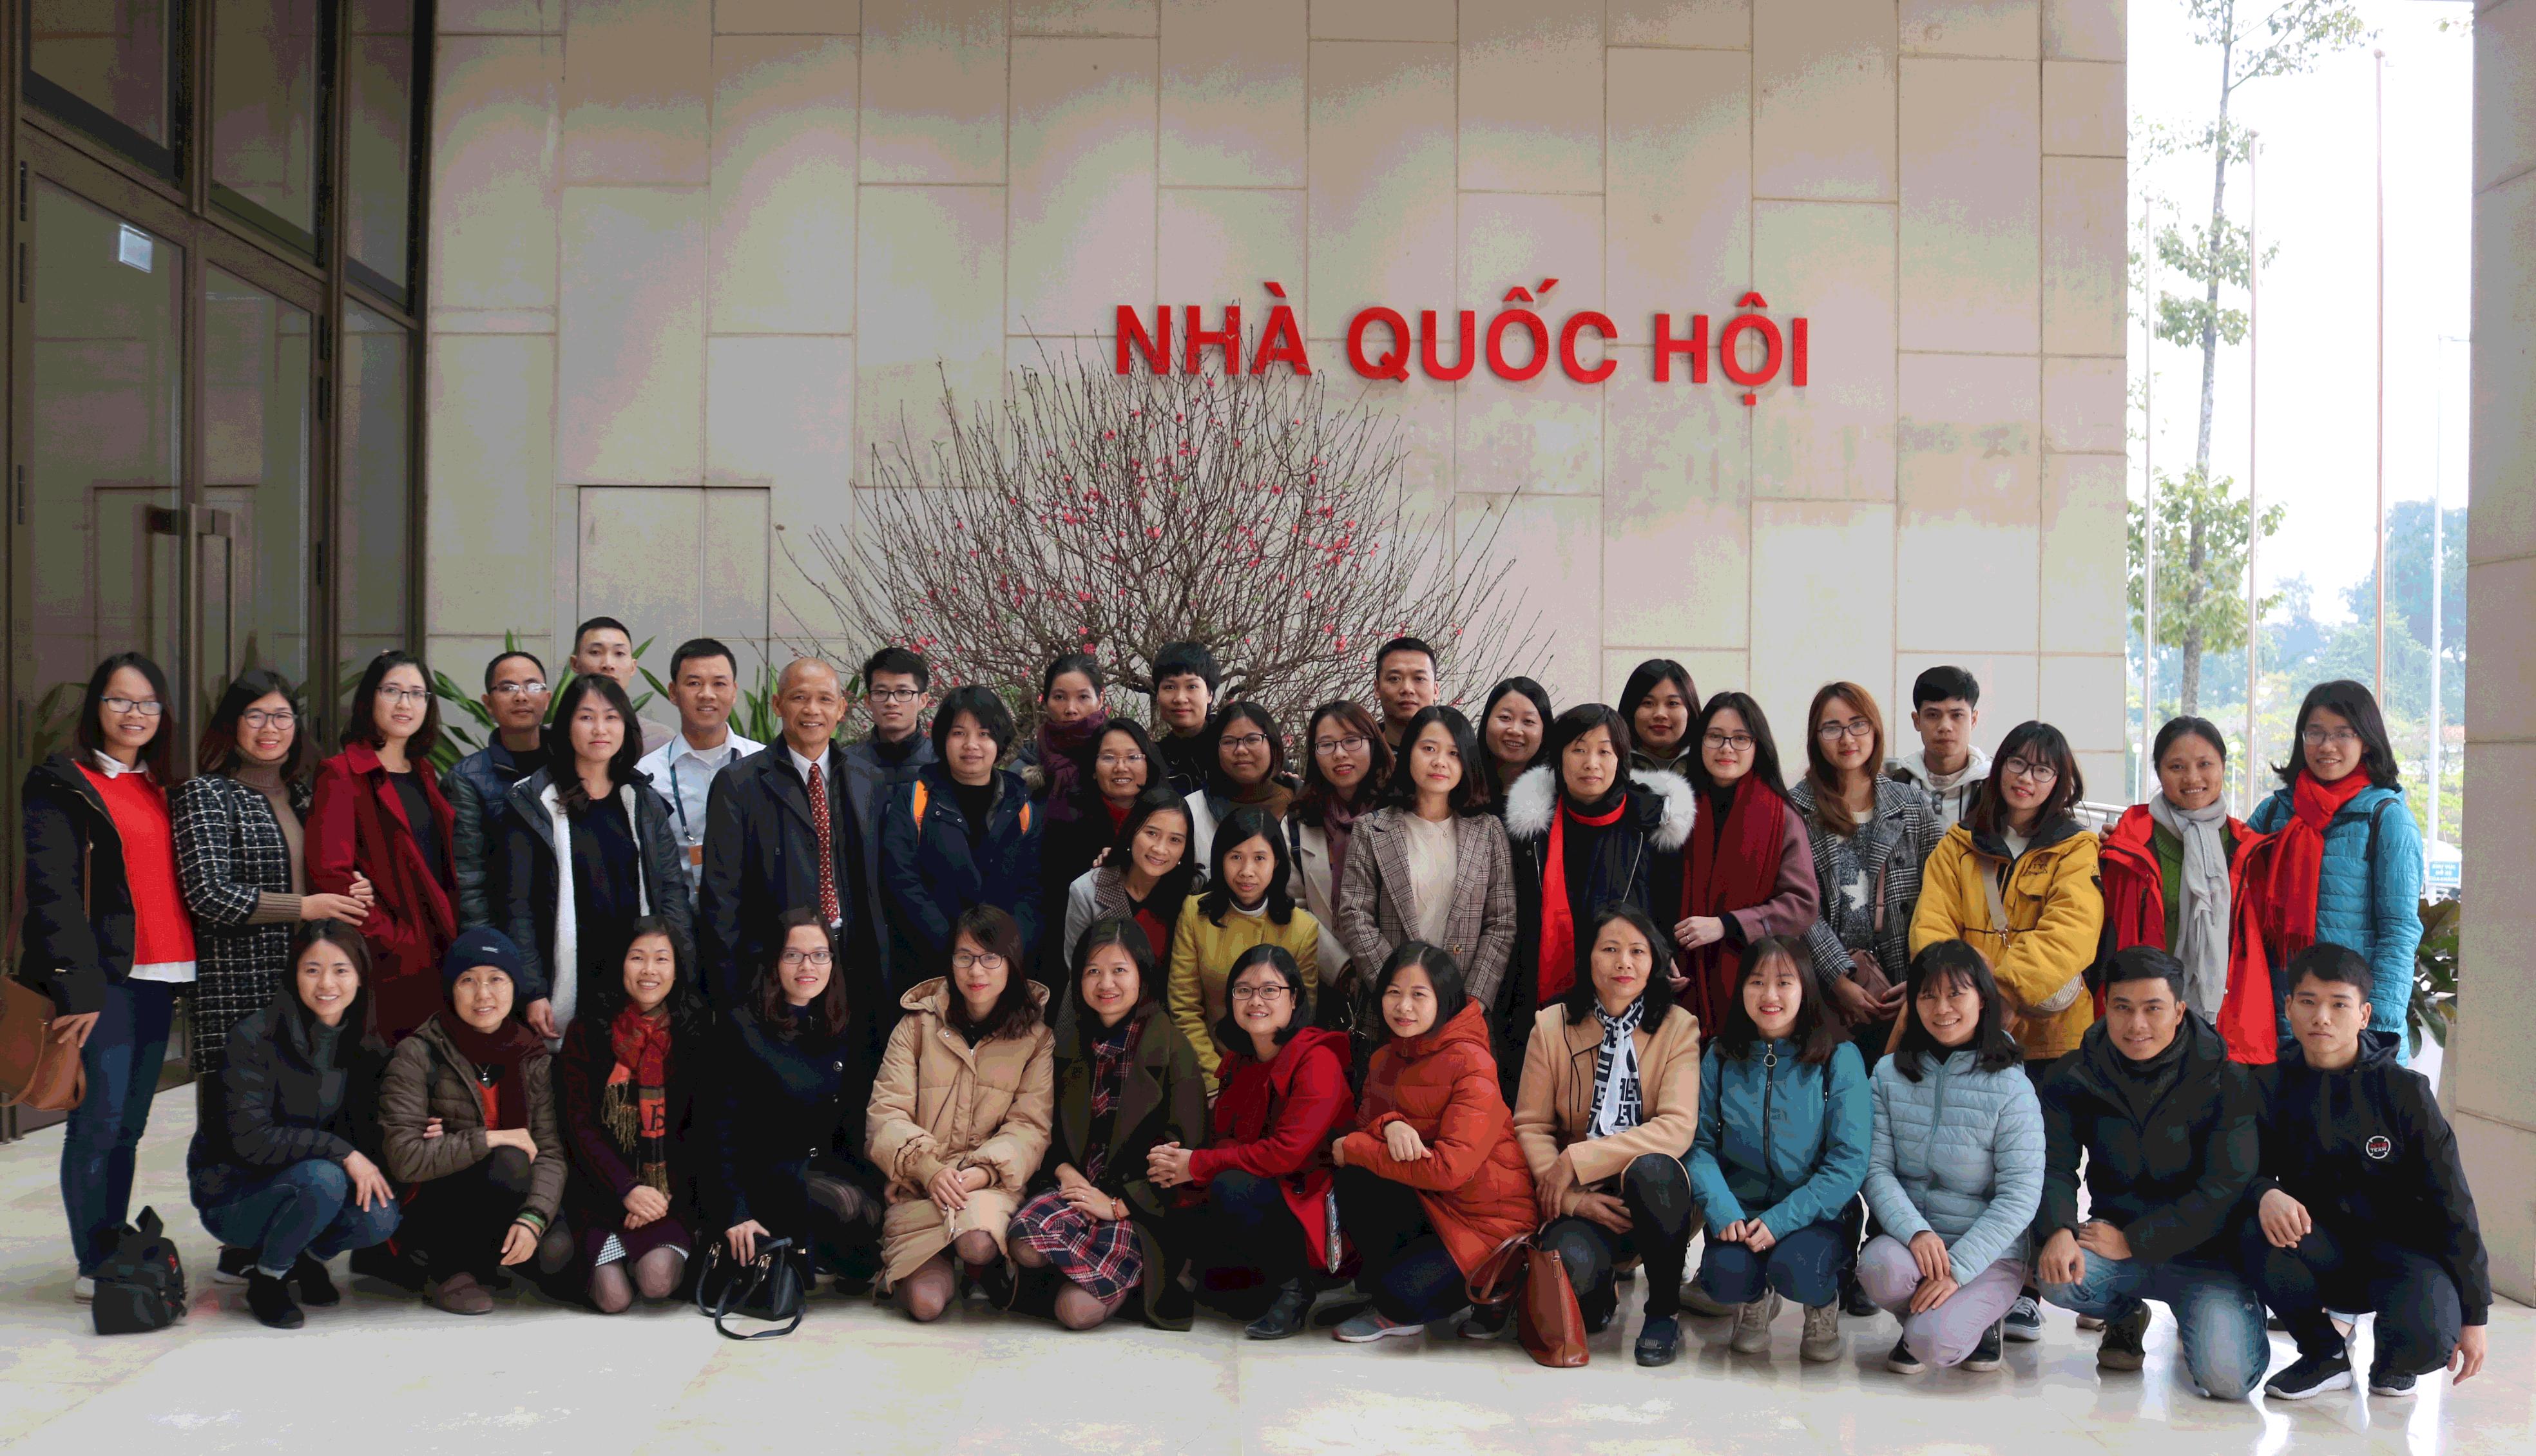 Đoàn Thái Hà Books tham quan Tòa nhà Quốc Hội – Một ngày trải nghiệm khó quên